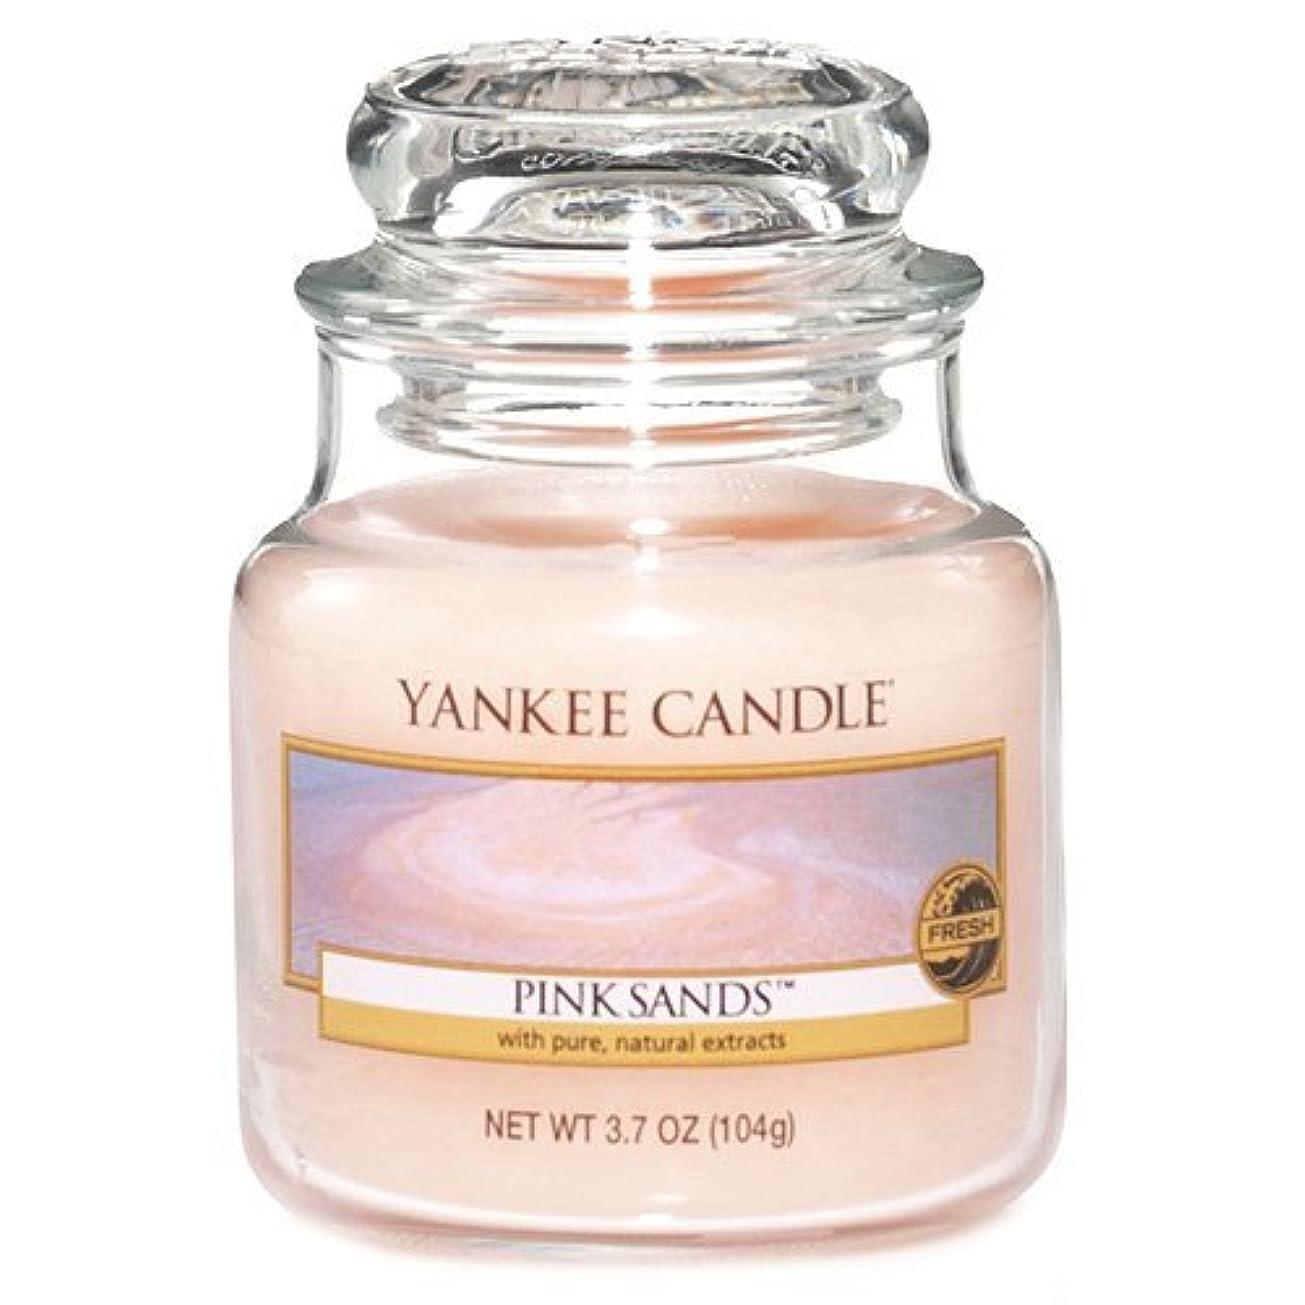 推定警告する俳優Yankee Candle Pink Sands 3.7-Ounce Jar Candle, Small [並行輸入品]